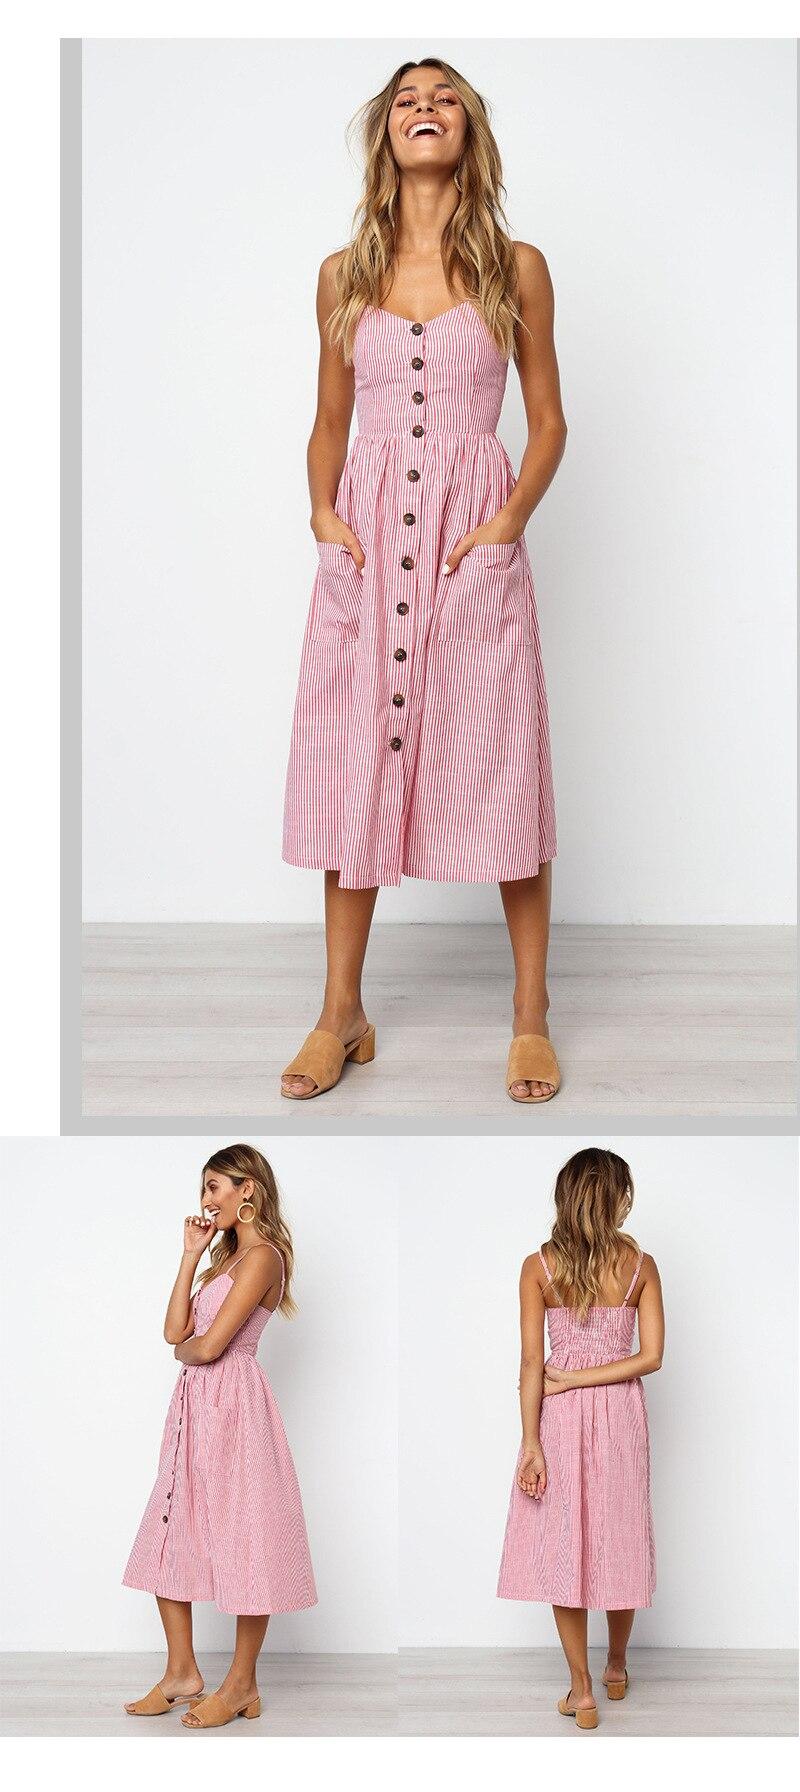 Button Striped Print Cotton Linen Casual Summer Dress 19 Sexy Spaghetti Strap V-neck Off Shoulder Women Midi Dress Vestidos 7